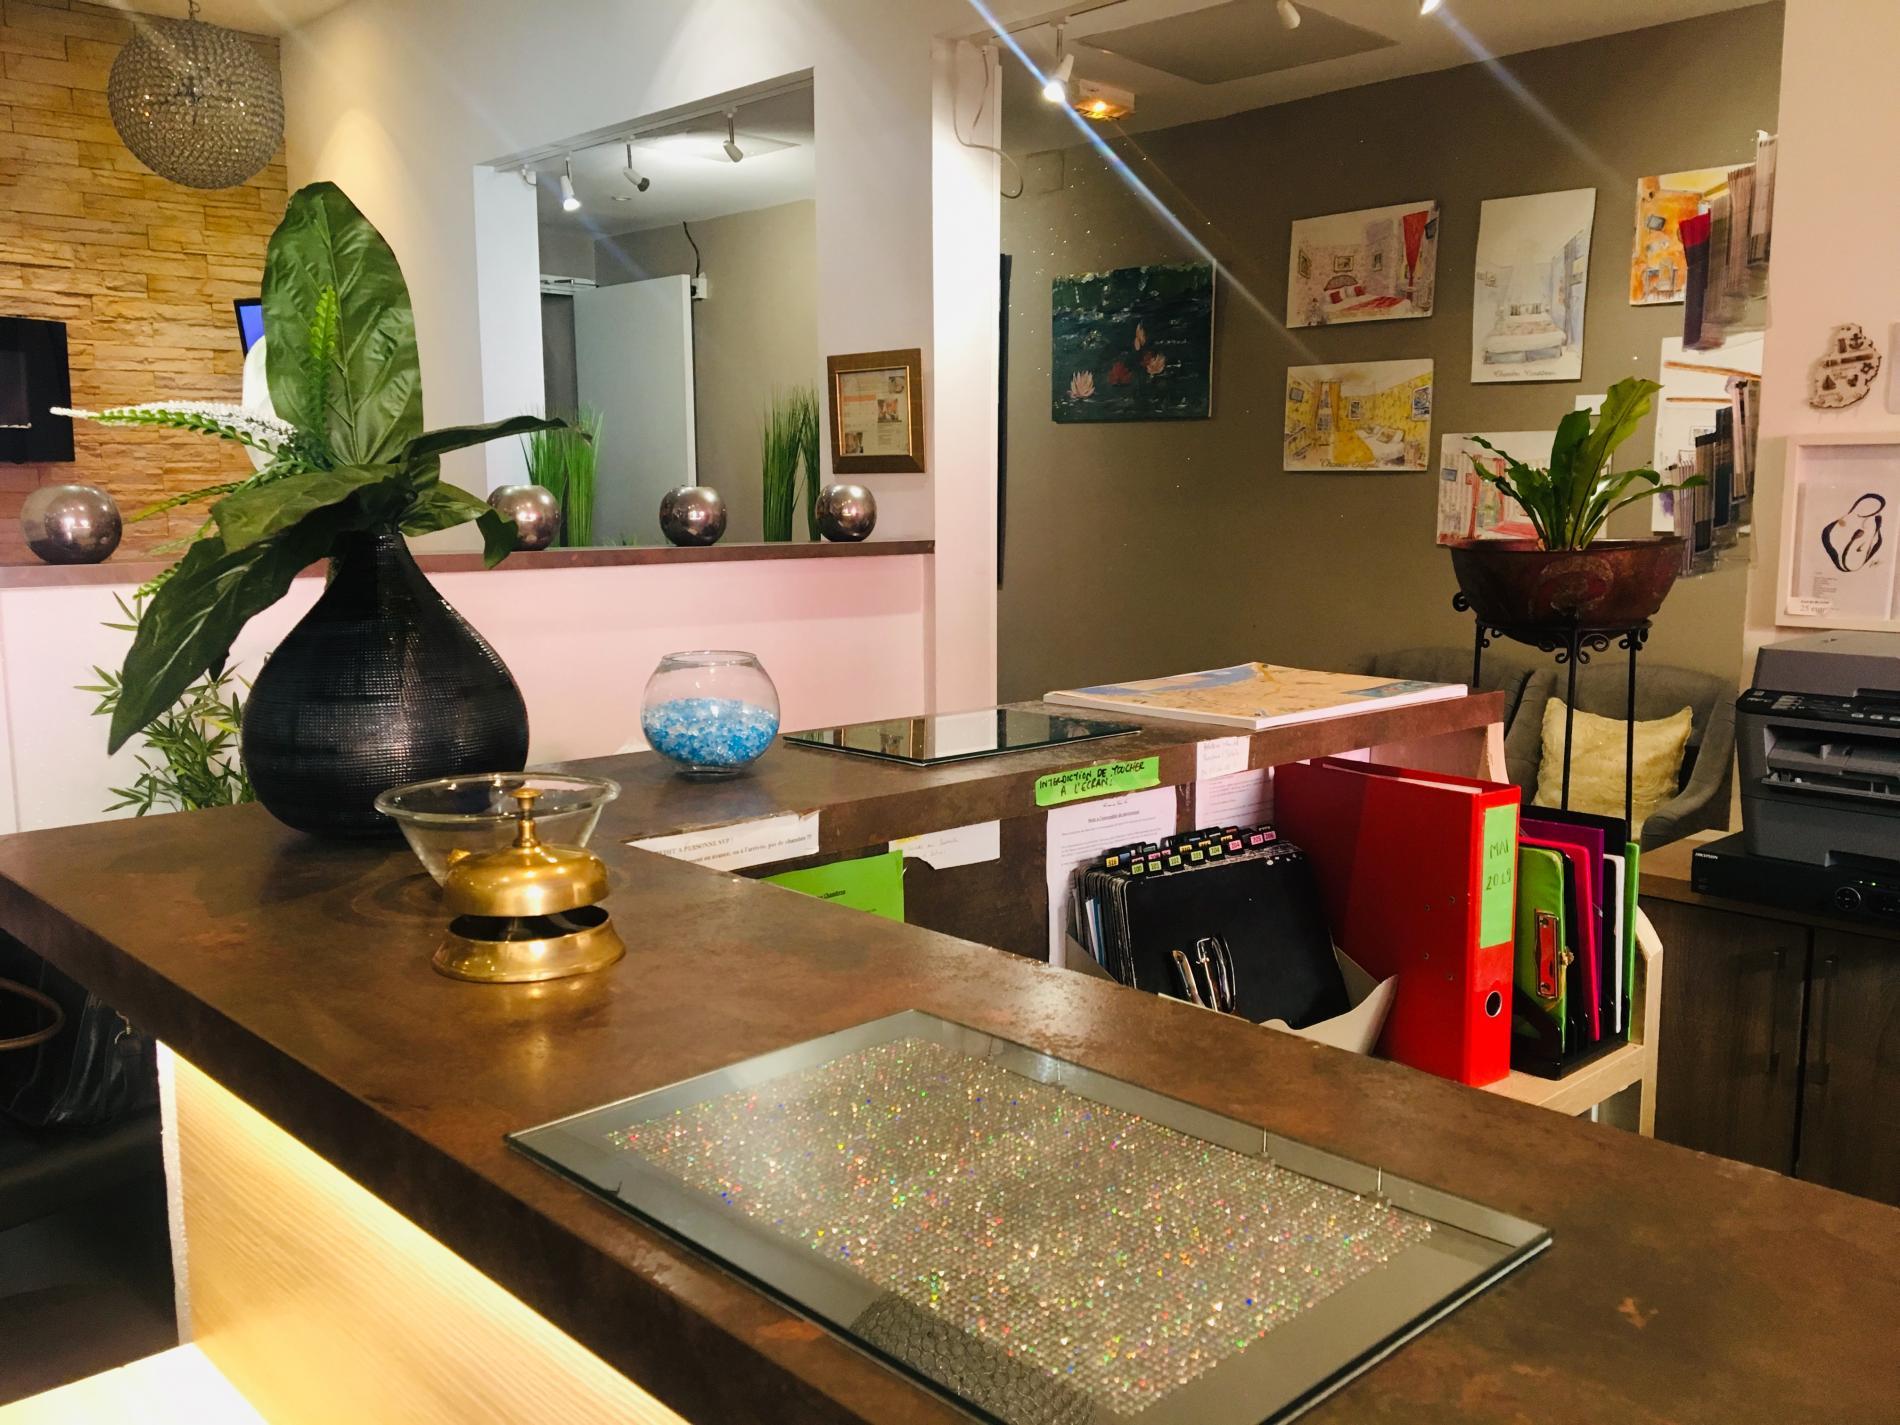 Réception   Reception Desk